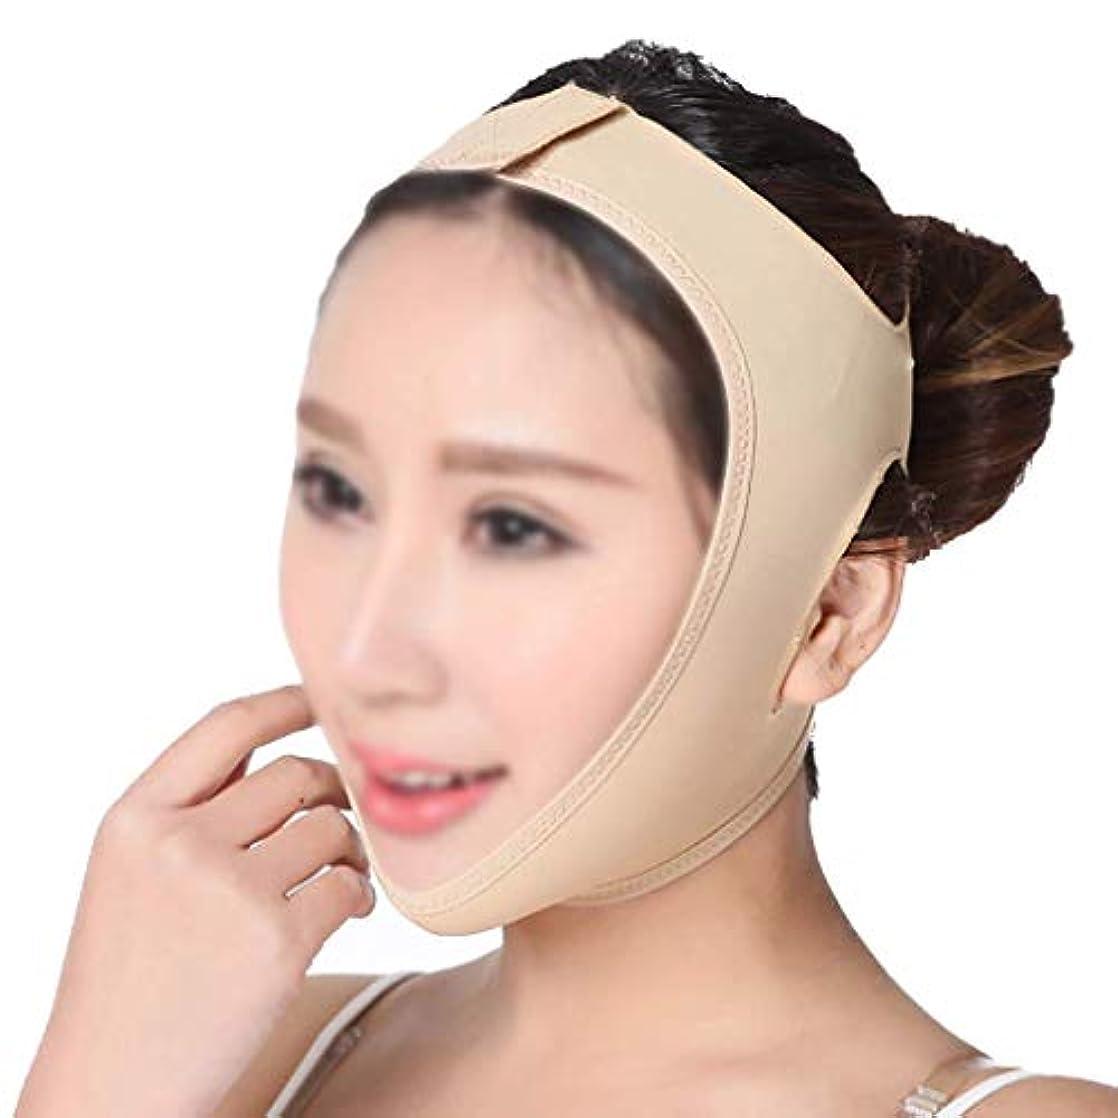 自発アーティキュレーション瞑想的フェイスリフティング包帯、Vフェイスインストゥルメントフェイスマスクアーティファクト引き締めマスク手動フェイシャルマッサージ通気性肌のトーン(サイズ:M)